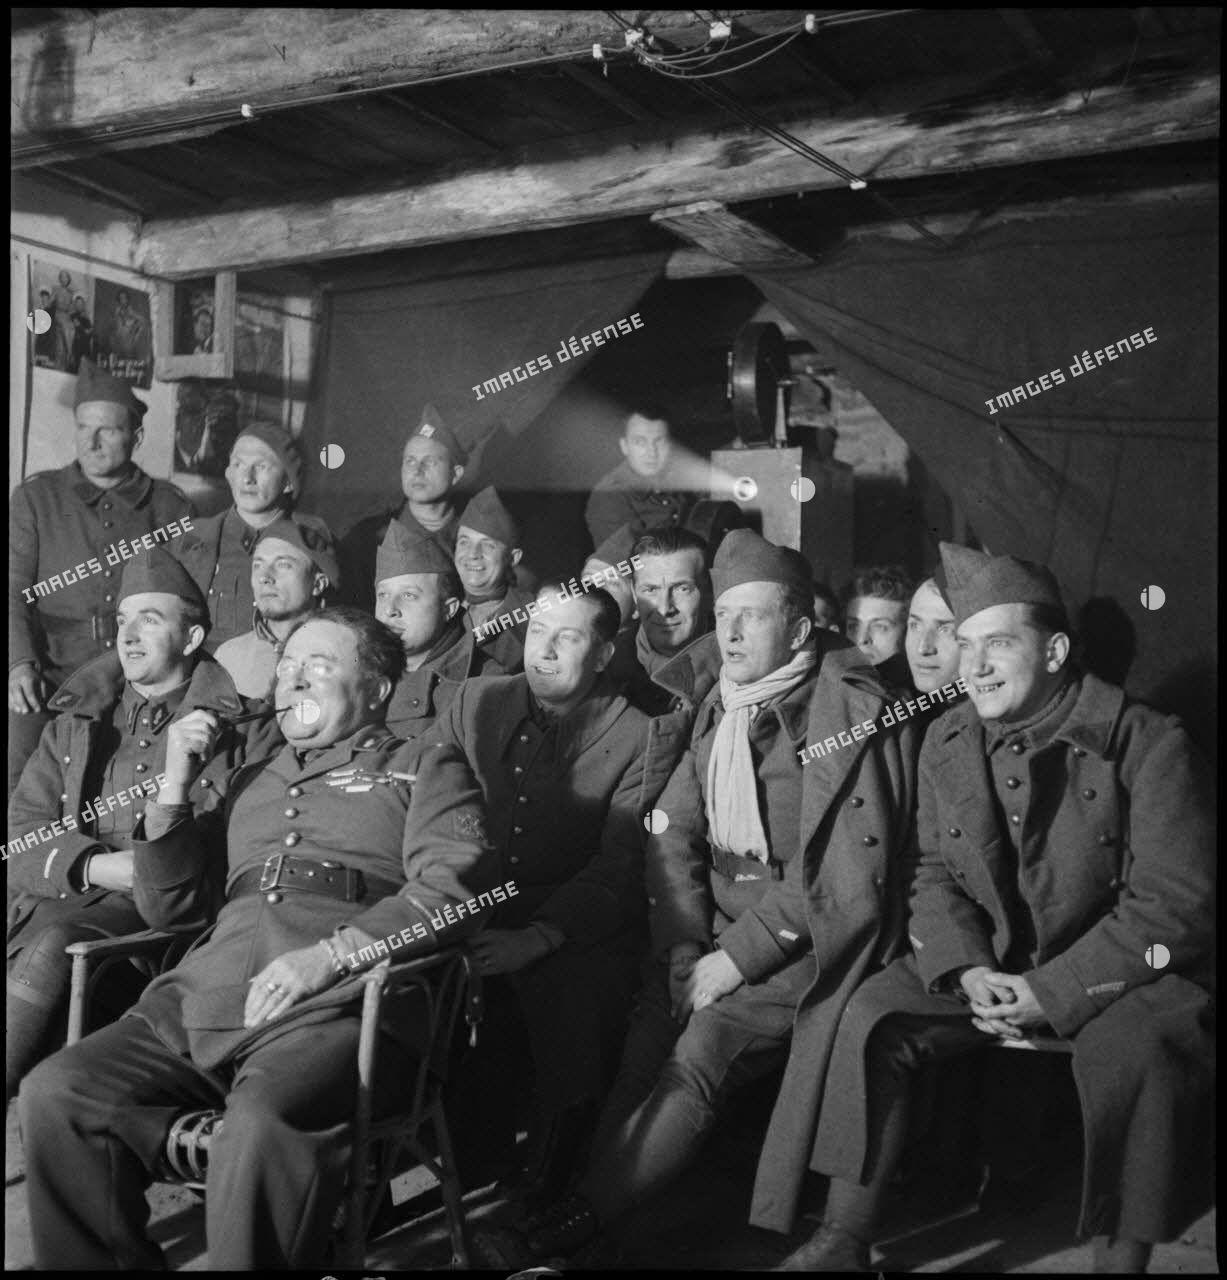 Photographie de groupe de soldats de différentes unités de la 2e armée qui assistent à une séance de cinéma aux armées.